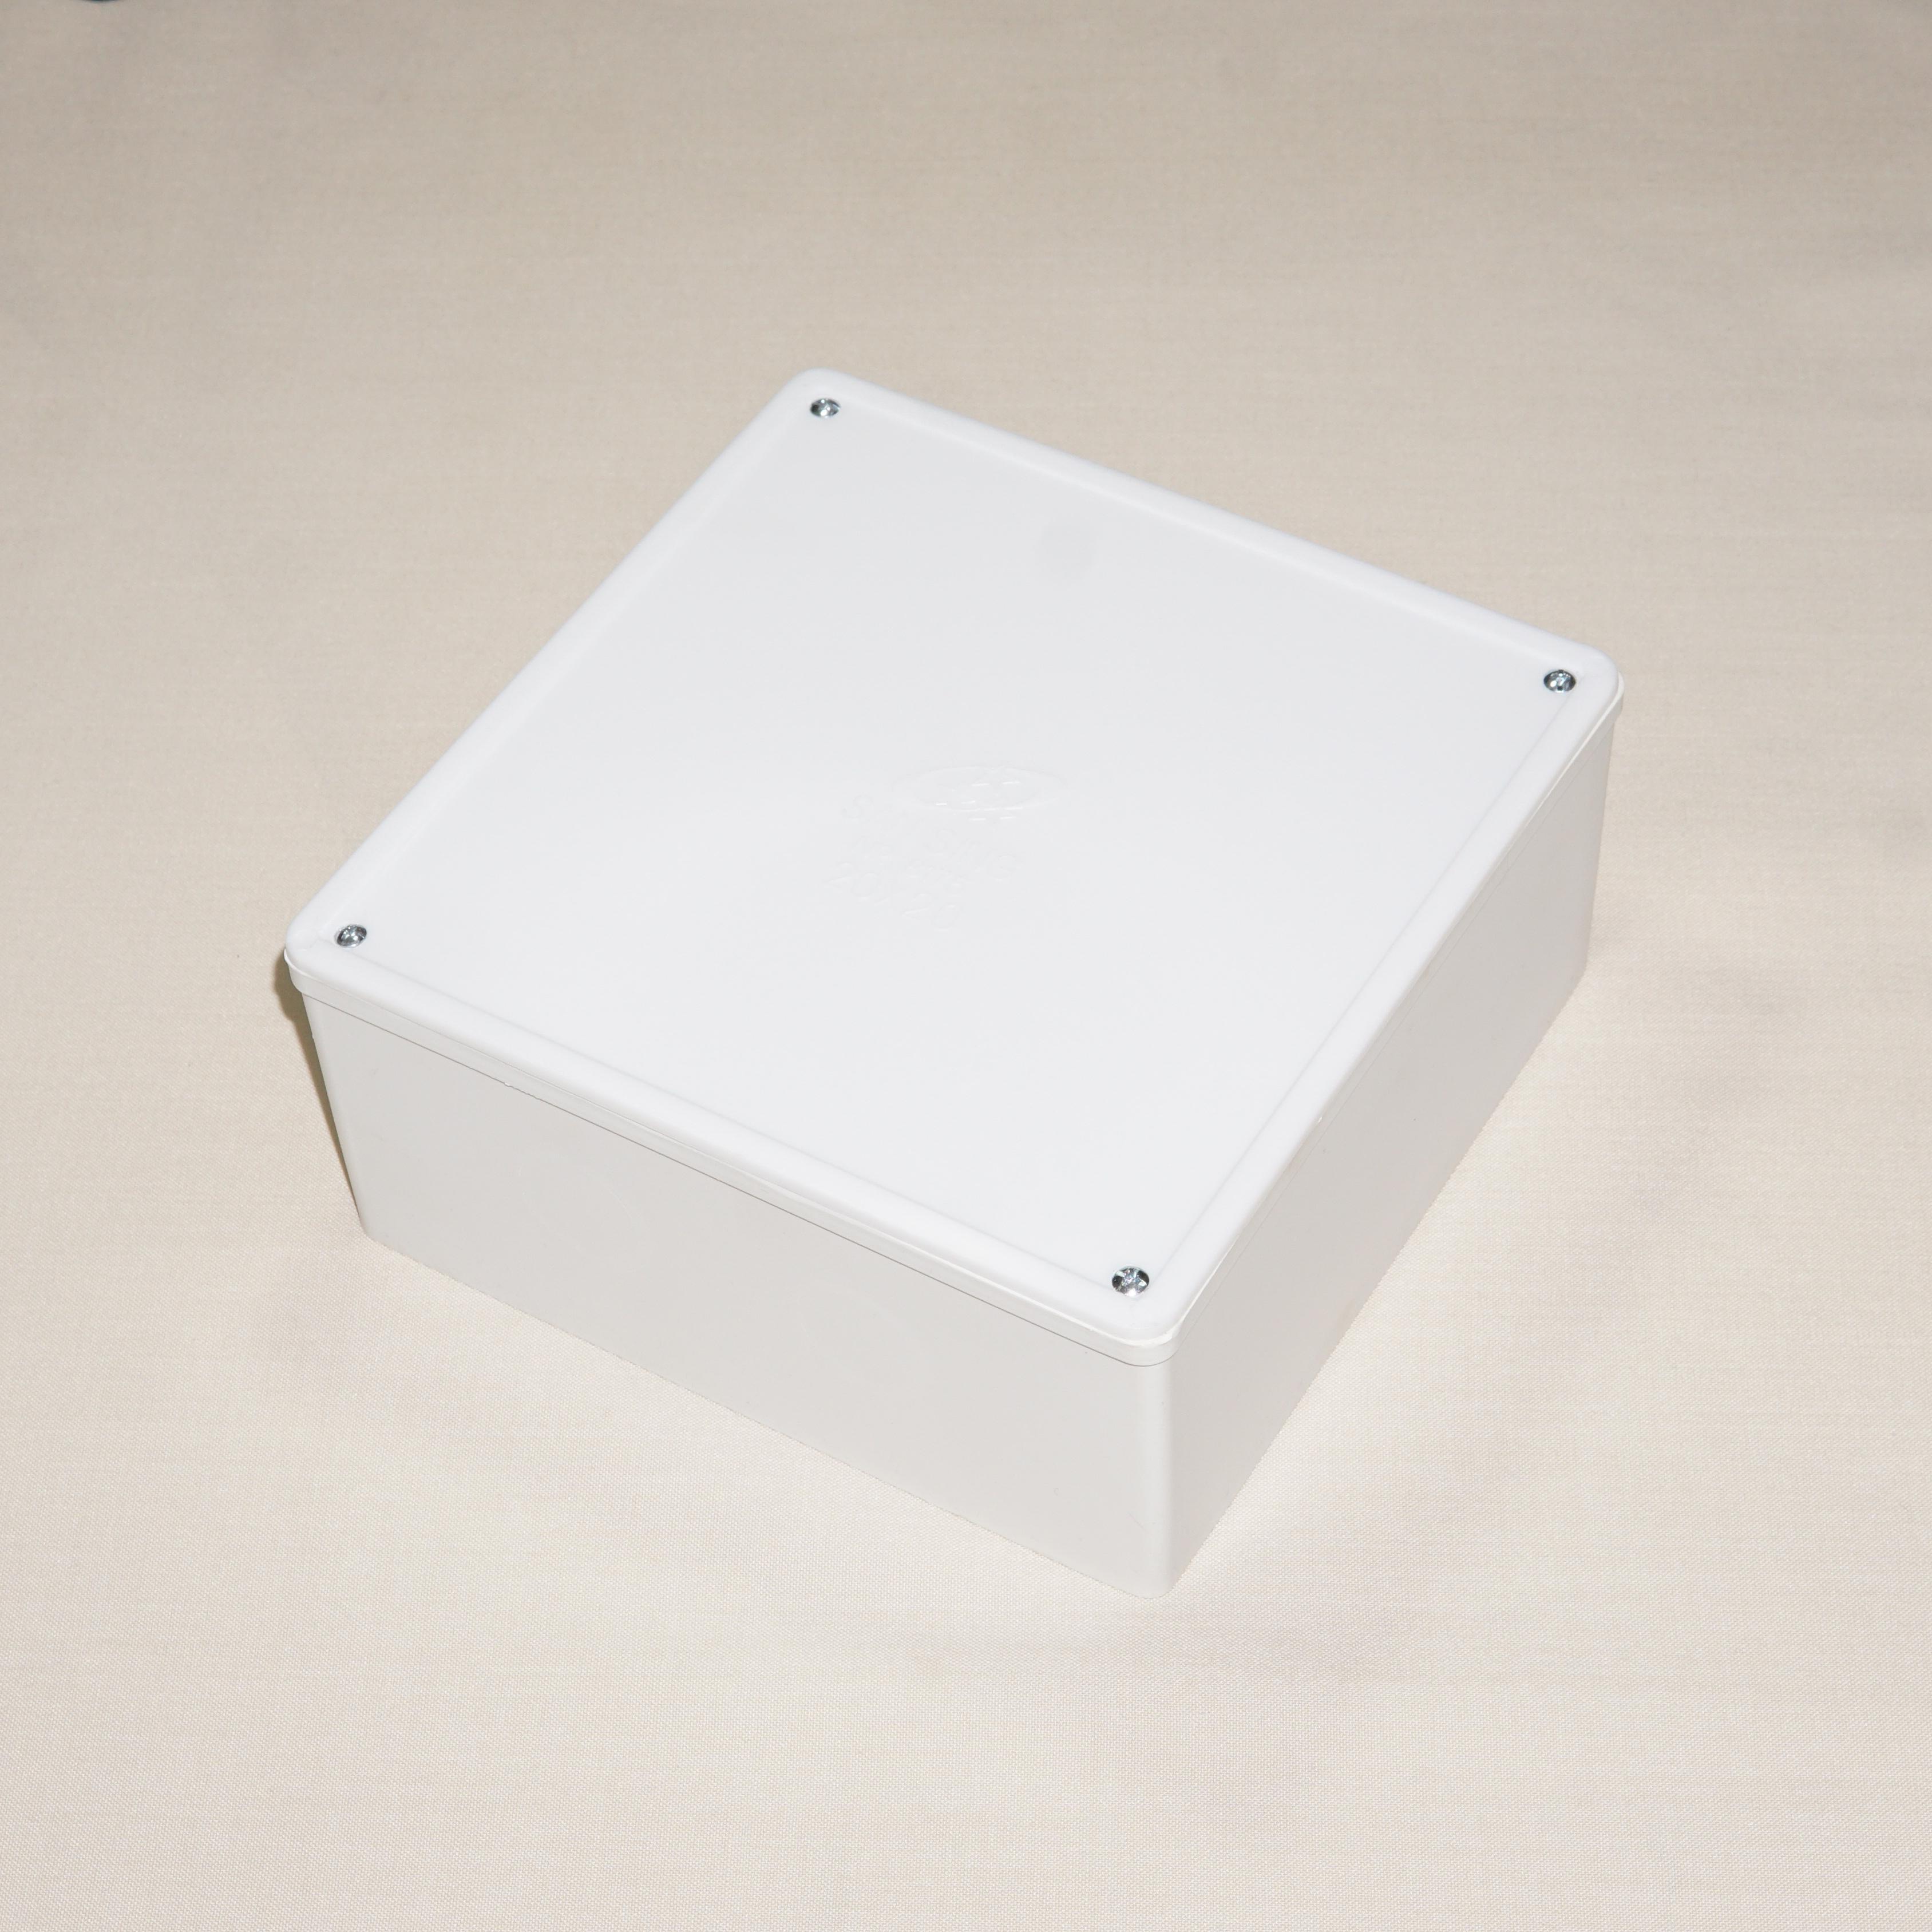 Hộp vuông nối dây <br> (200x200x80)mm